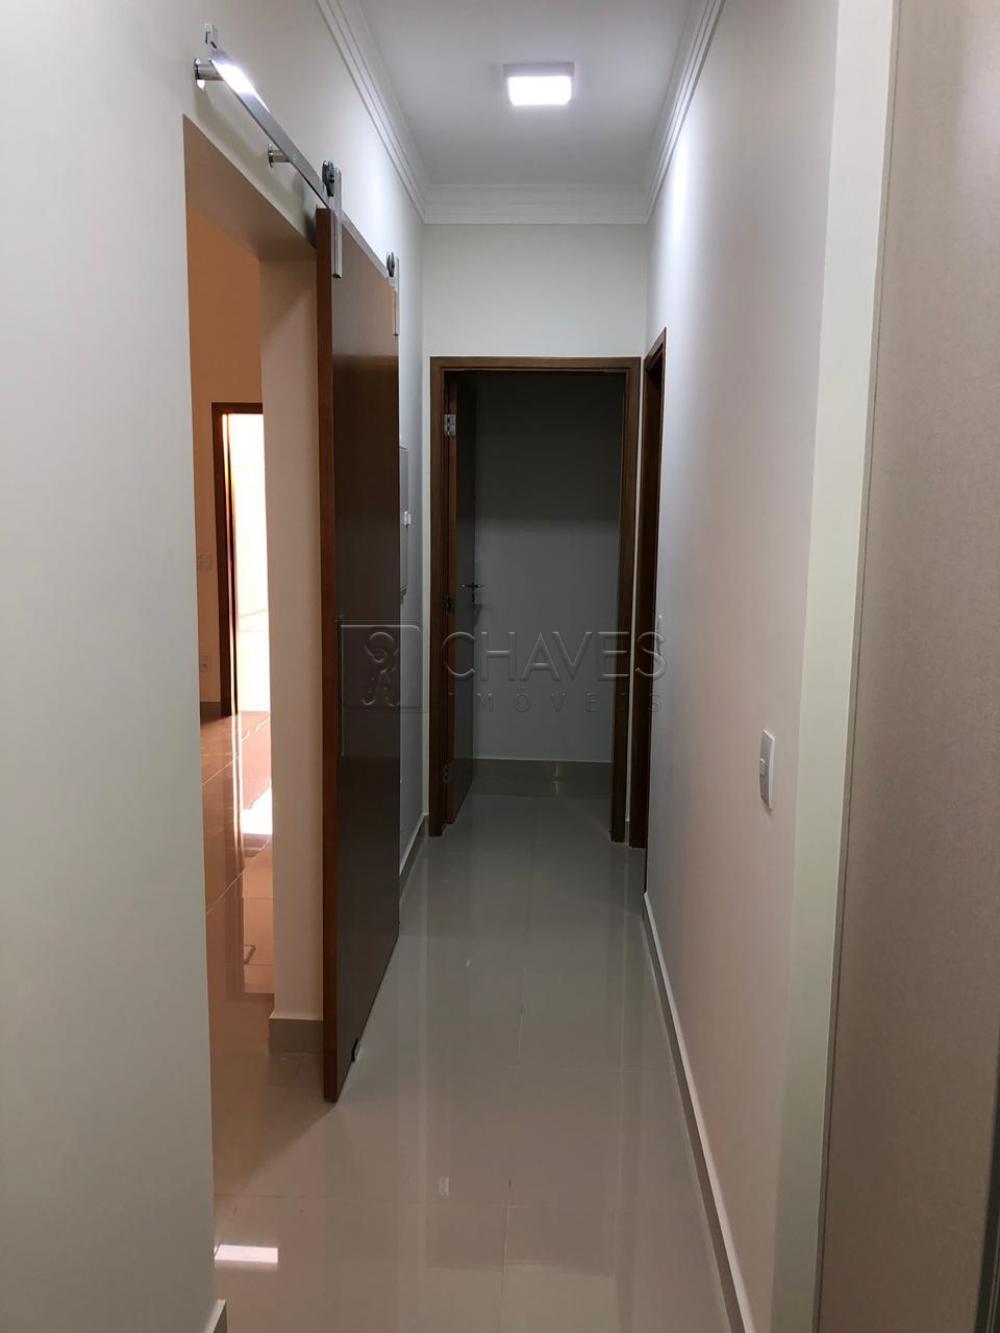 Comprar Casa / Condomínio em Bonfim Paulista apenas R$ 780.000,00 - Foto 7